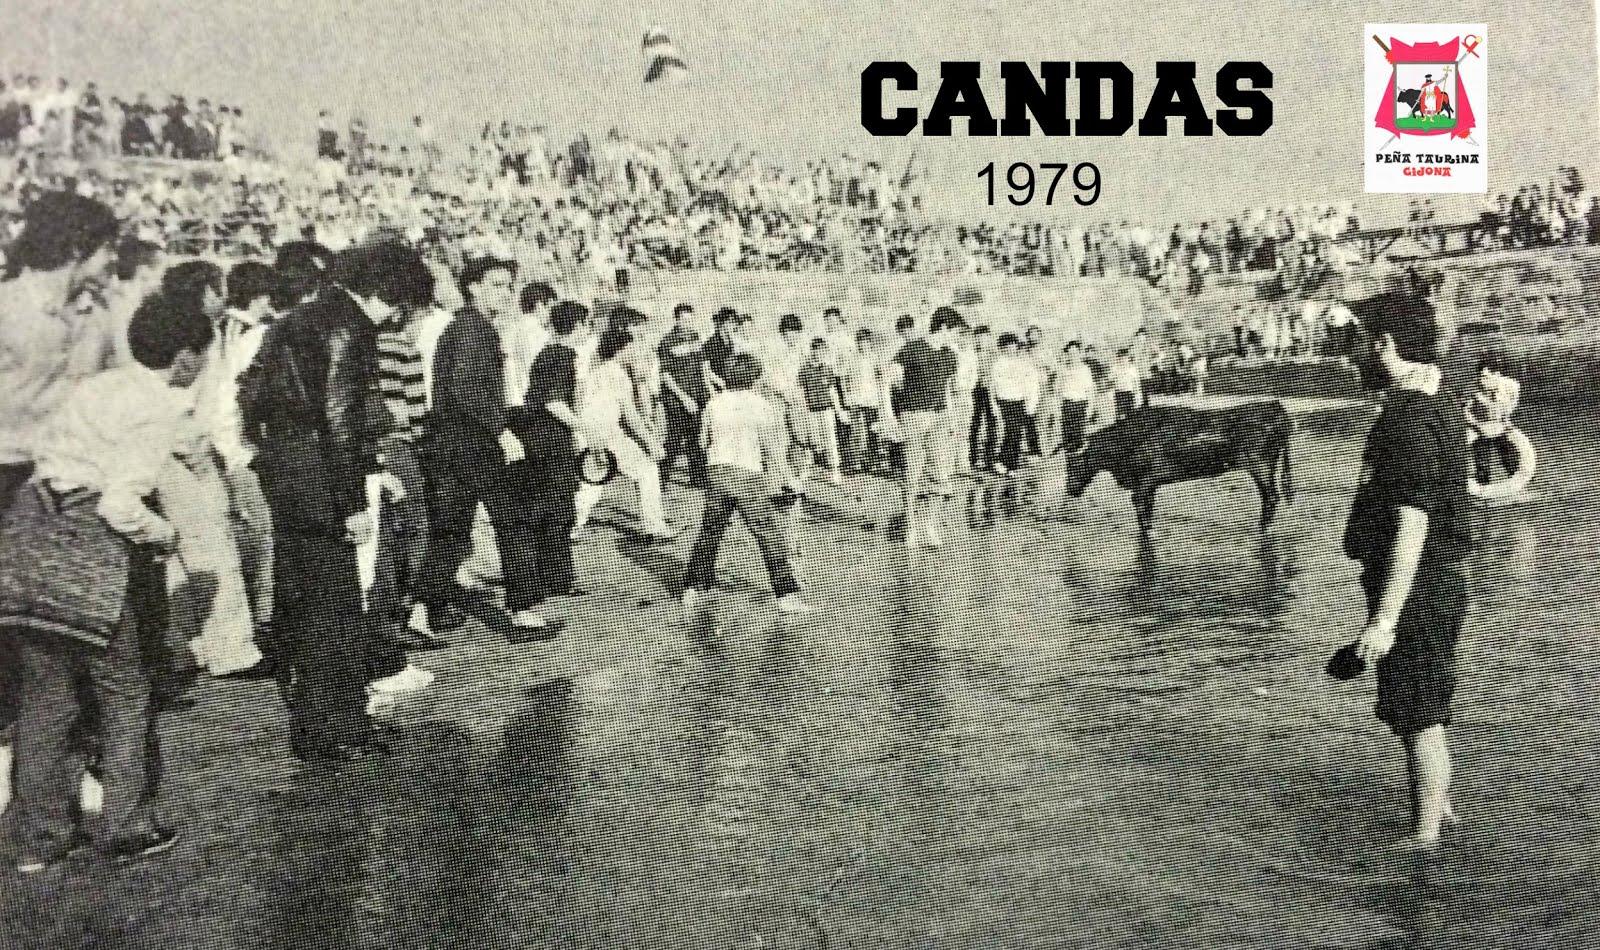 CANDAS CORRIDAS DE TOROS